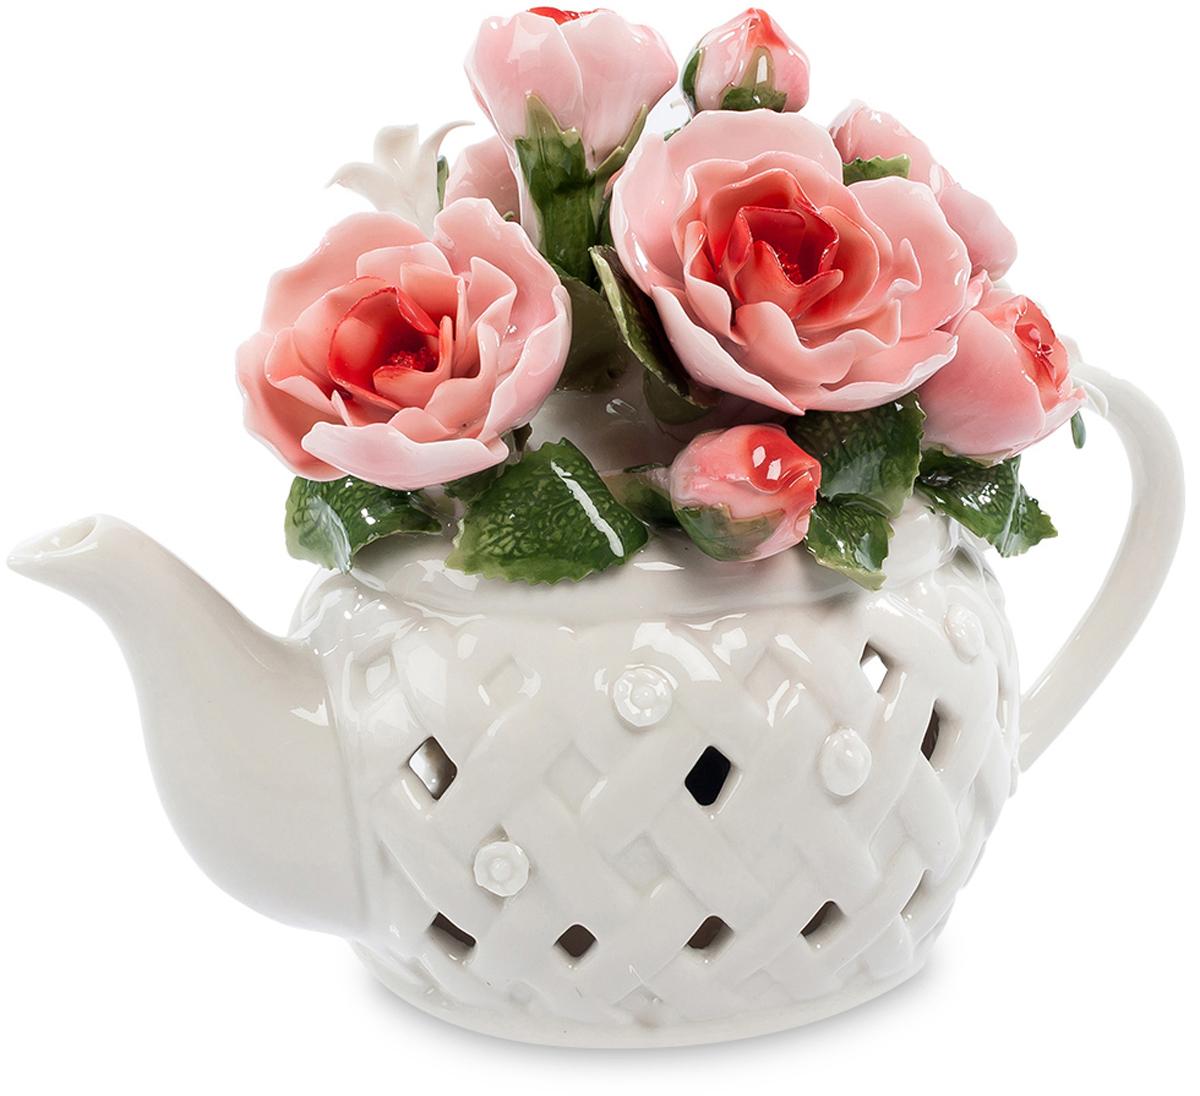 Музыкальная композиция Pavone Чайник с цветами. CMS-33/39CMS-33/39Музыкальнаякомпозиция Чайник с цветами (Pavone) Этот белый заварочный чайник на самом деле не предназначен для приготовления в нем чая. Он является основой для размещения прекрасной цветочной композиции из нескольких ало-розовых роз. Каждый фарфоровый лепесток кажется живым, на зеленых листиках видны прожилки, этот букет в чайнике выглядит очень красиво и способен в любое время года создать праздничное настроение. Но есть в чайнике и еще один секрет – в него встроен музыкальный механизм, который достаточно просто завести, чтобы полились звуки приятной музыки. Такой многоцелевой сувенир – превосходный подарок, украшающий комнату и радующий слух.